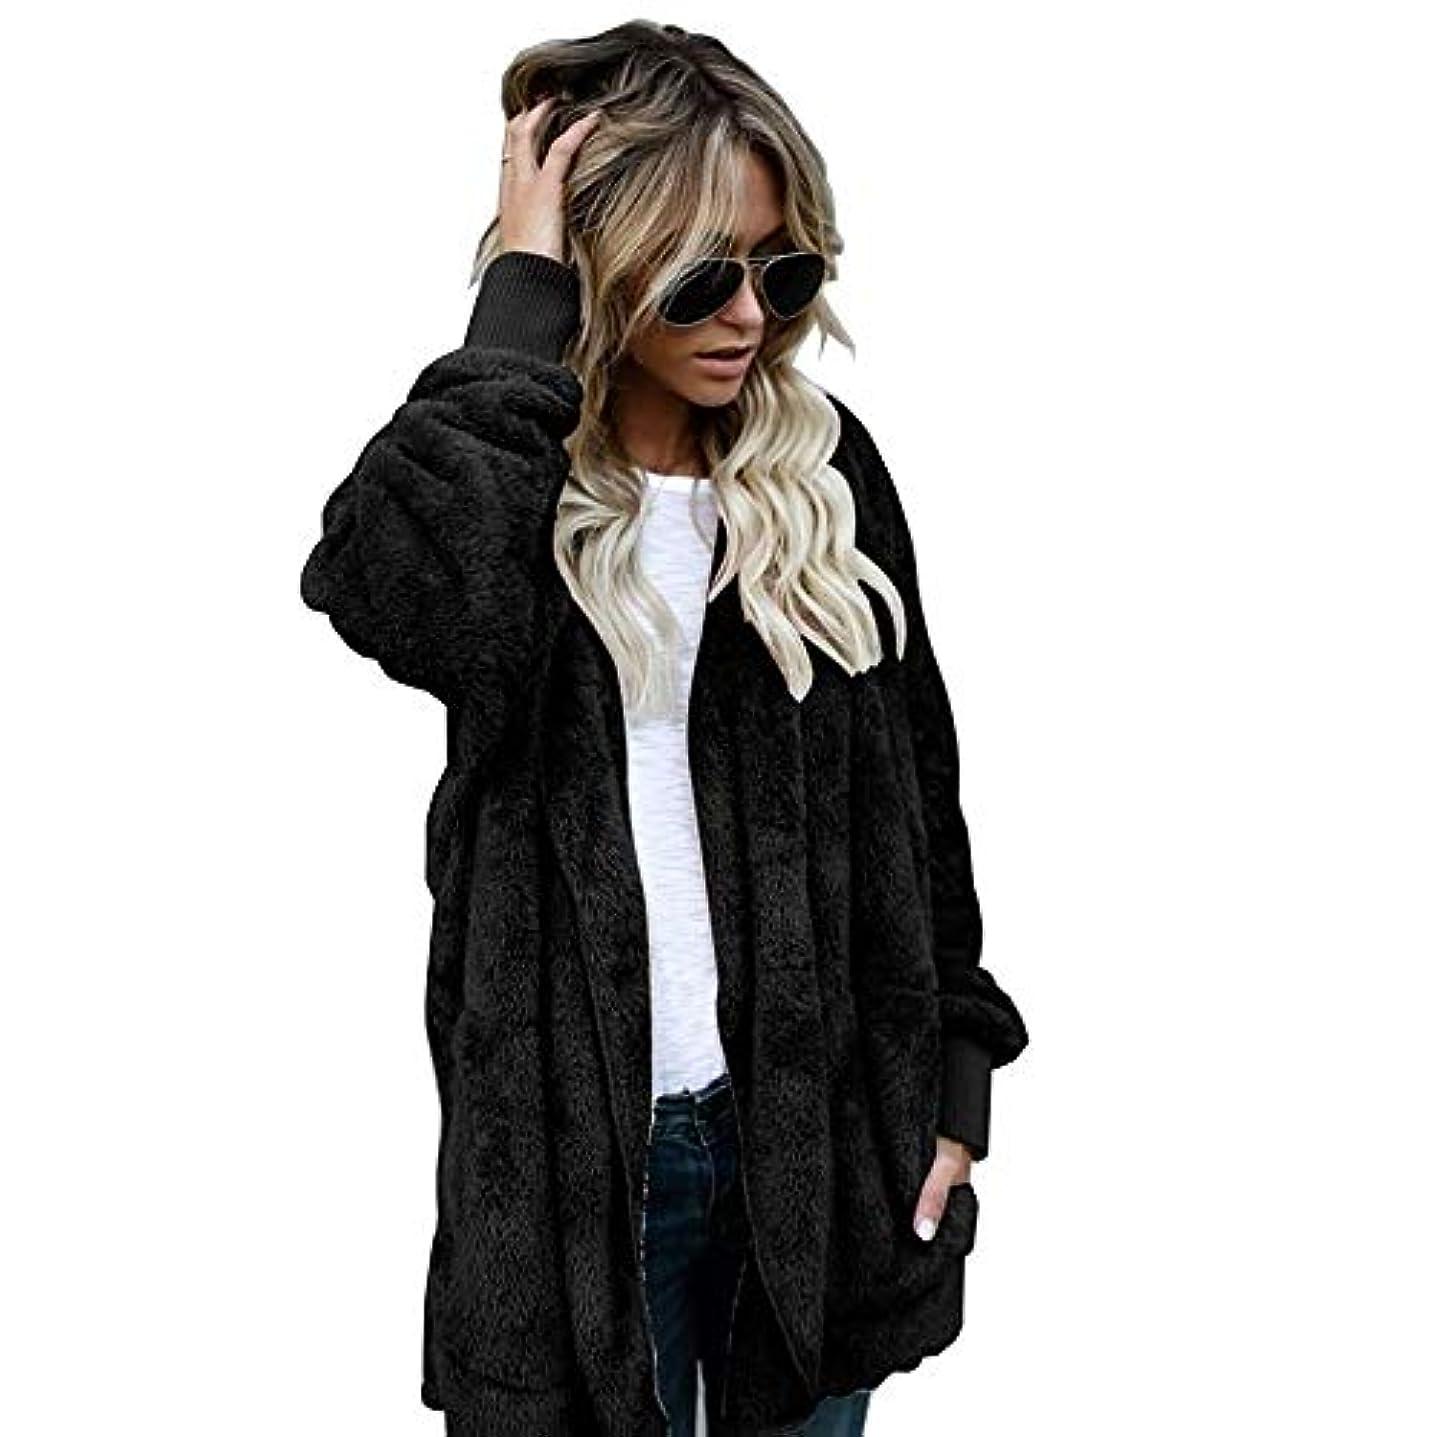 イタリアのギャングスター離婚MIFAN 長袖パーカー、冬のコート、女性のコート、女性の緩い厚く暖かいフェイクファーフード付きカーディガン